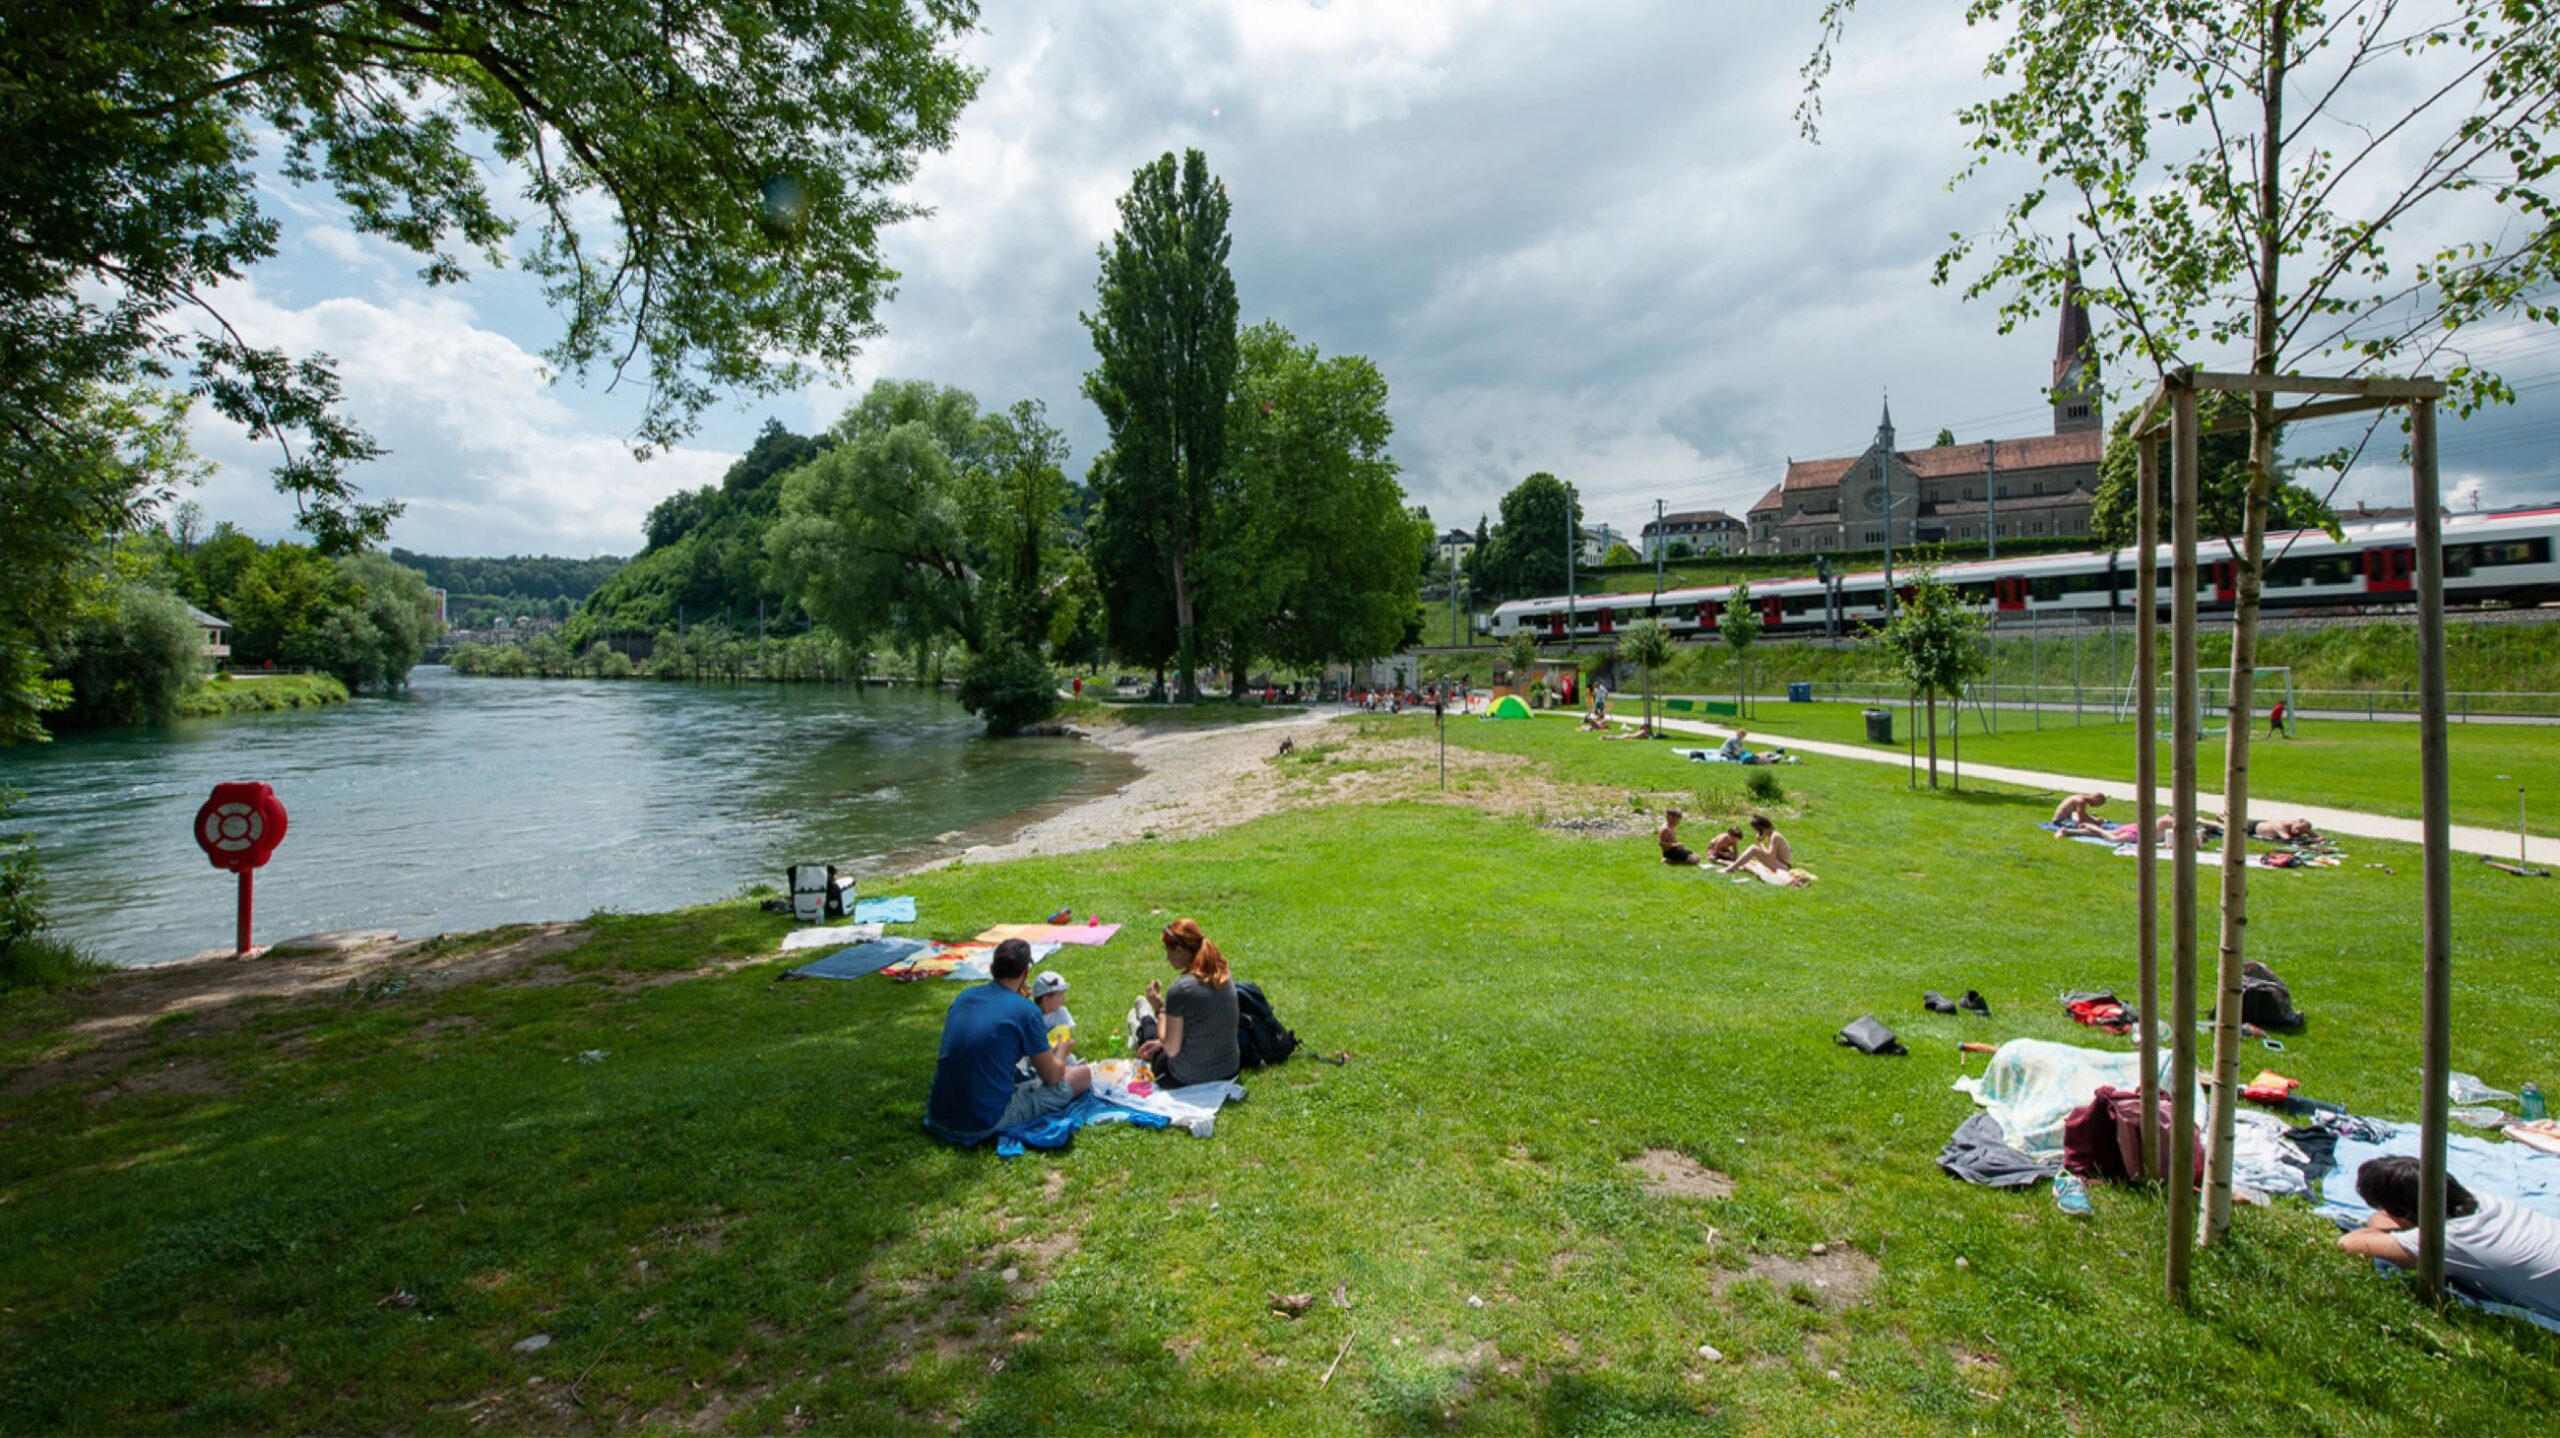 Sonnenbaden am Flussufer